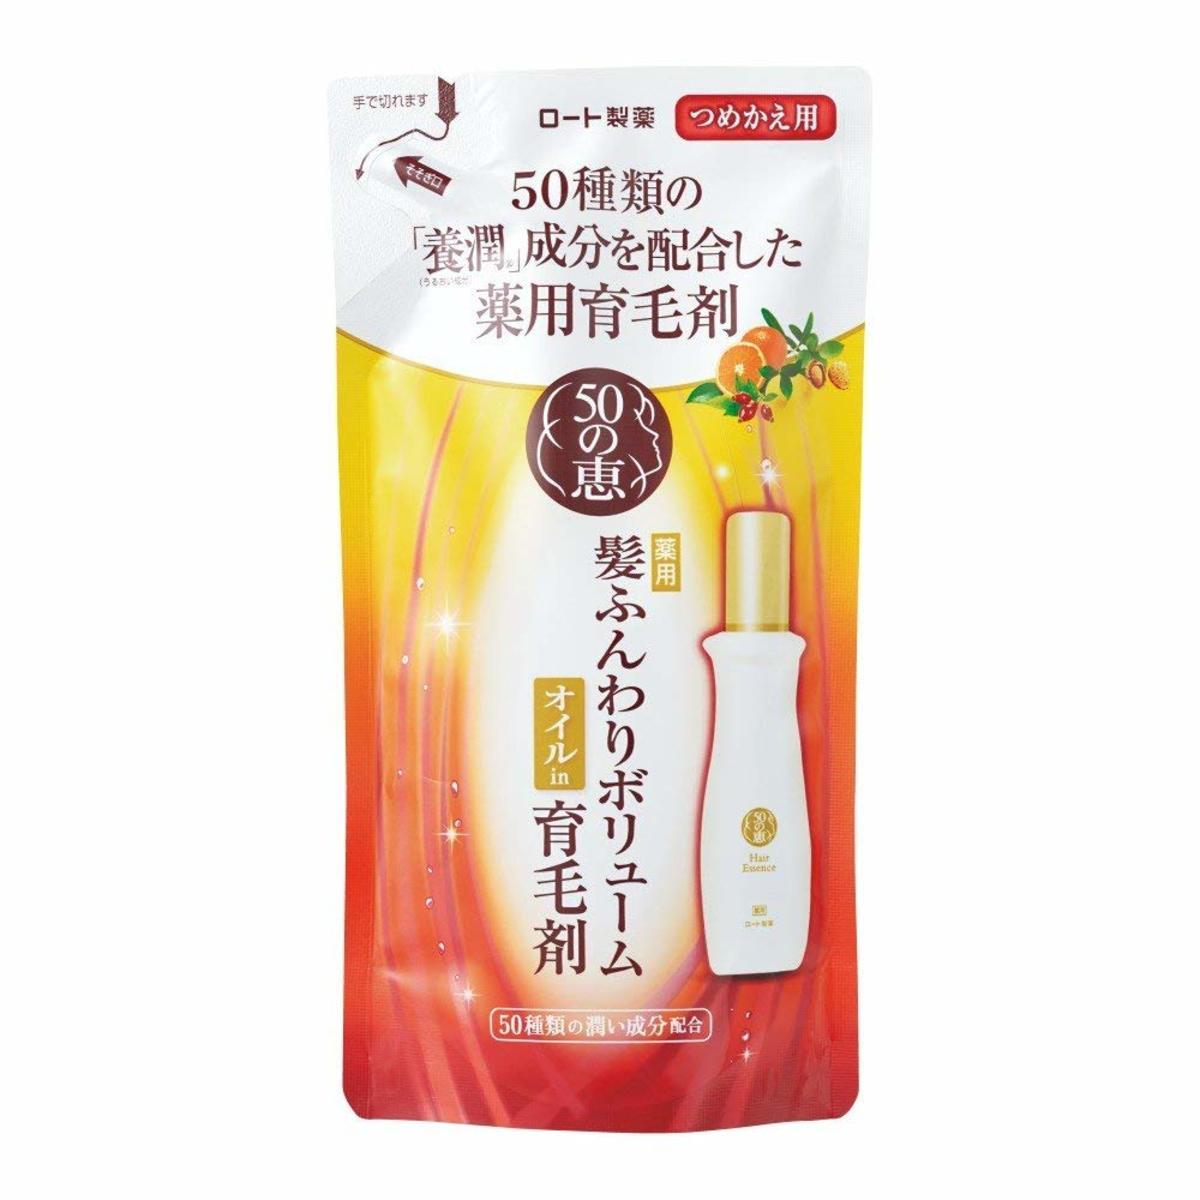 50惠 [日本版] 養潤育髮精華素 ((補充裝)) 150ml